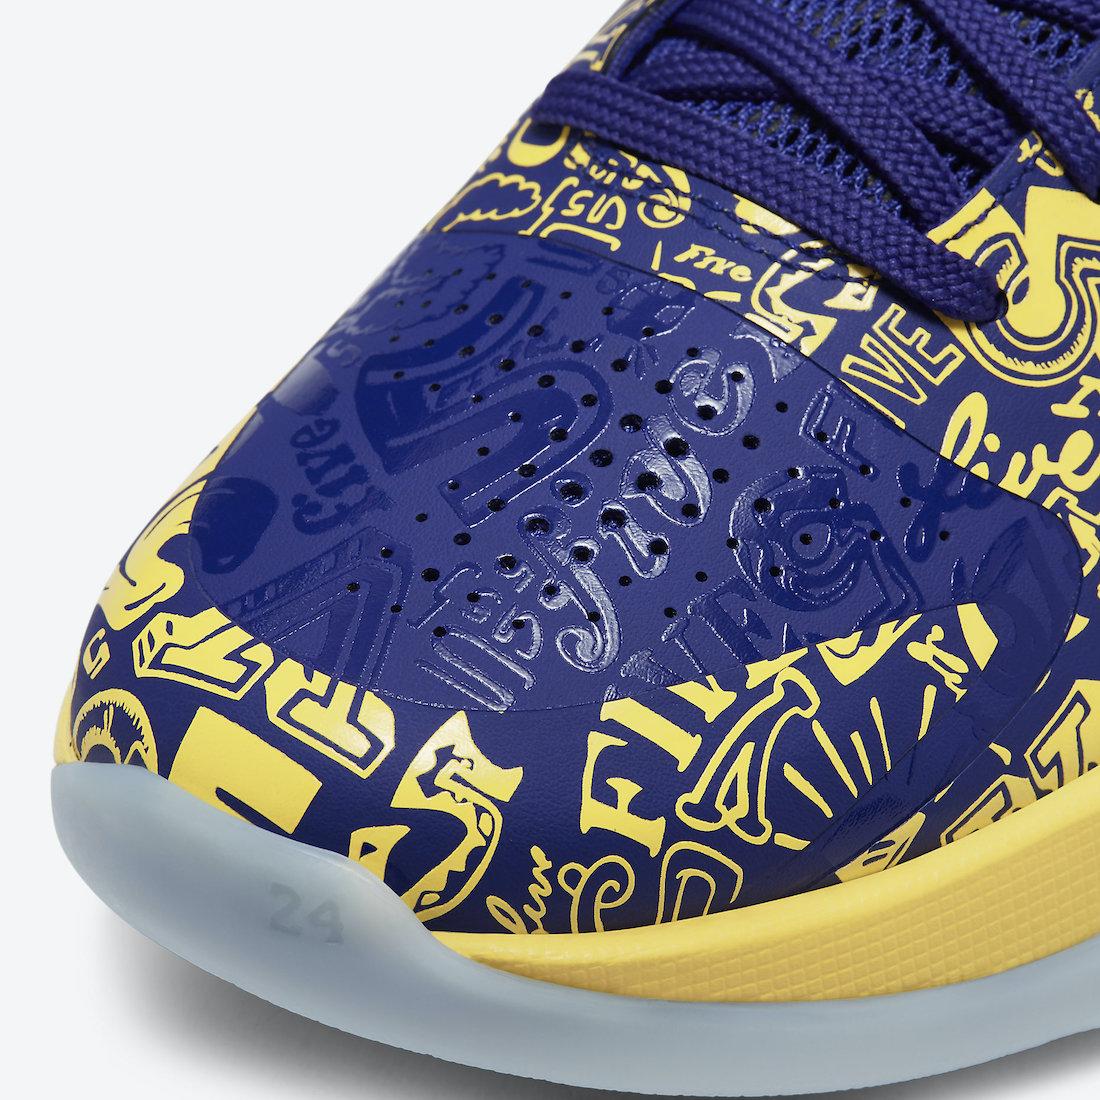 Nike-Kobe-5-Protro-5-Rings-CD4991-400-Release-Date-6